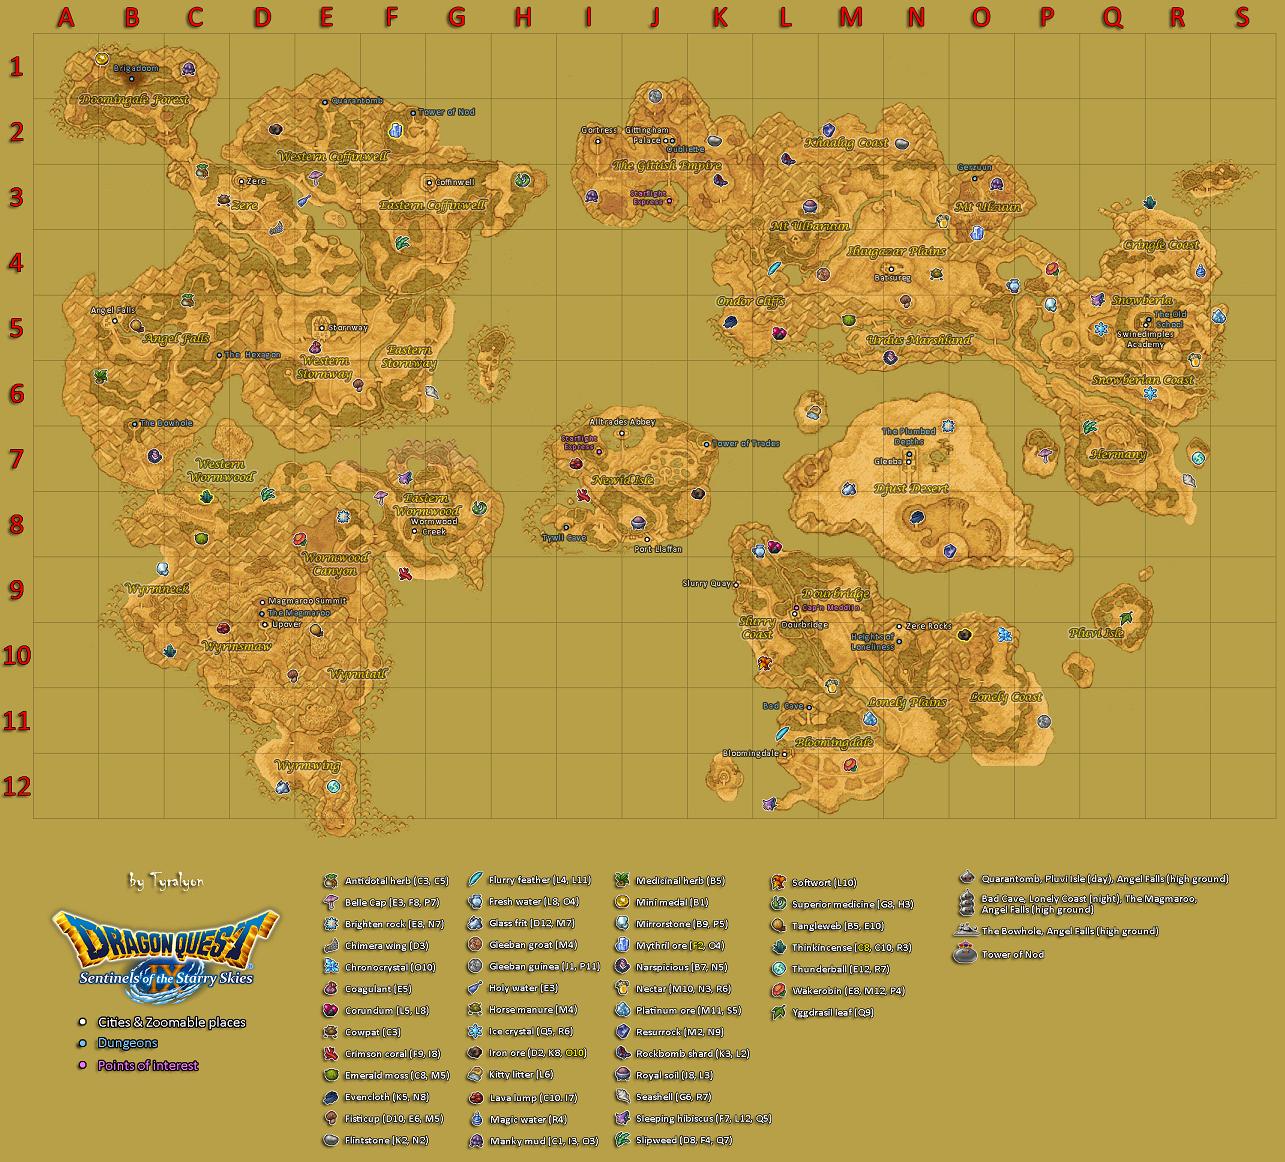 Dragon quest ix gold bar location alpha pharma hop